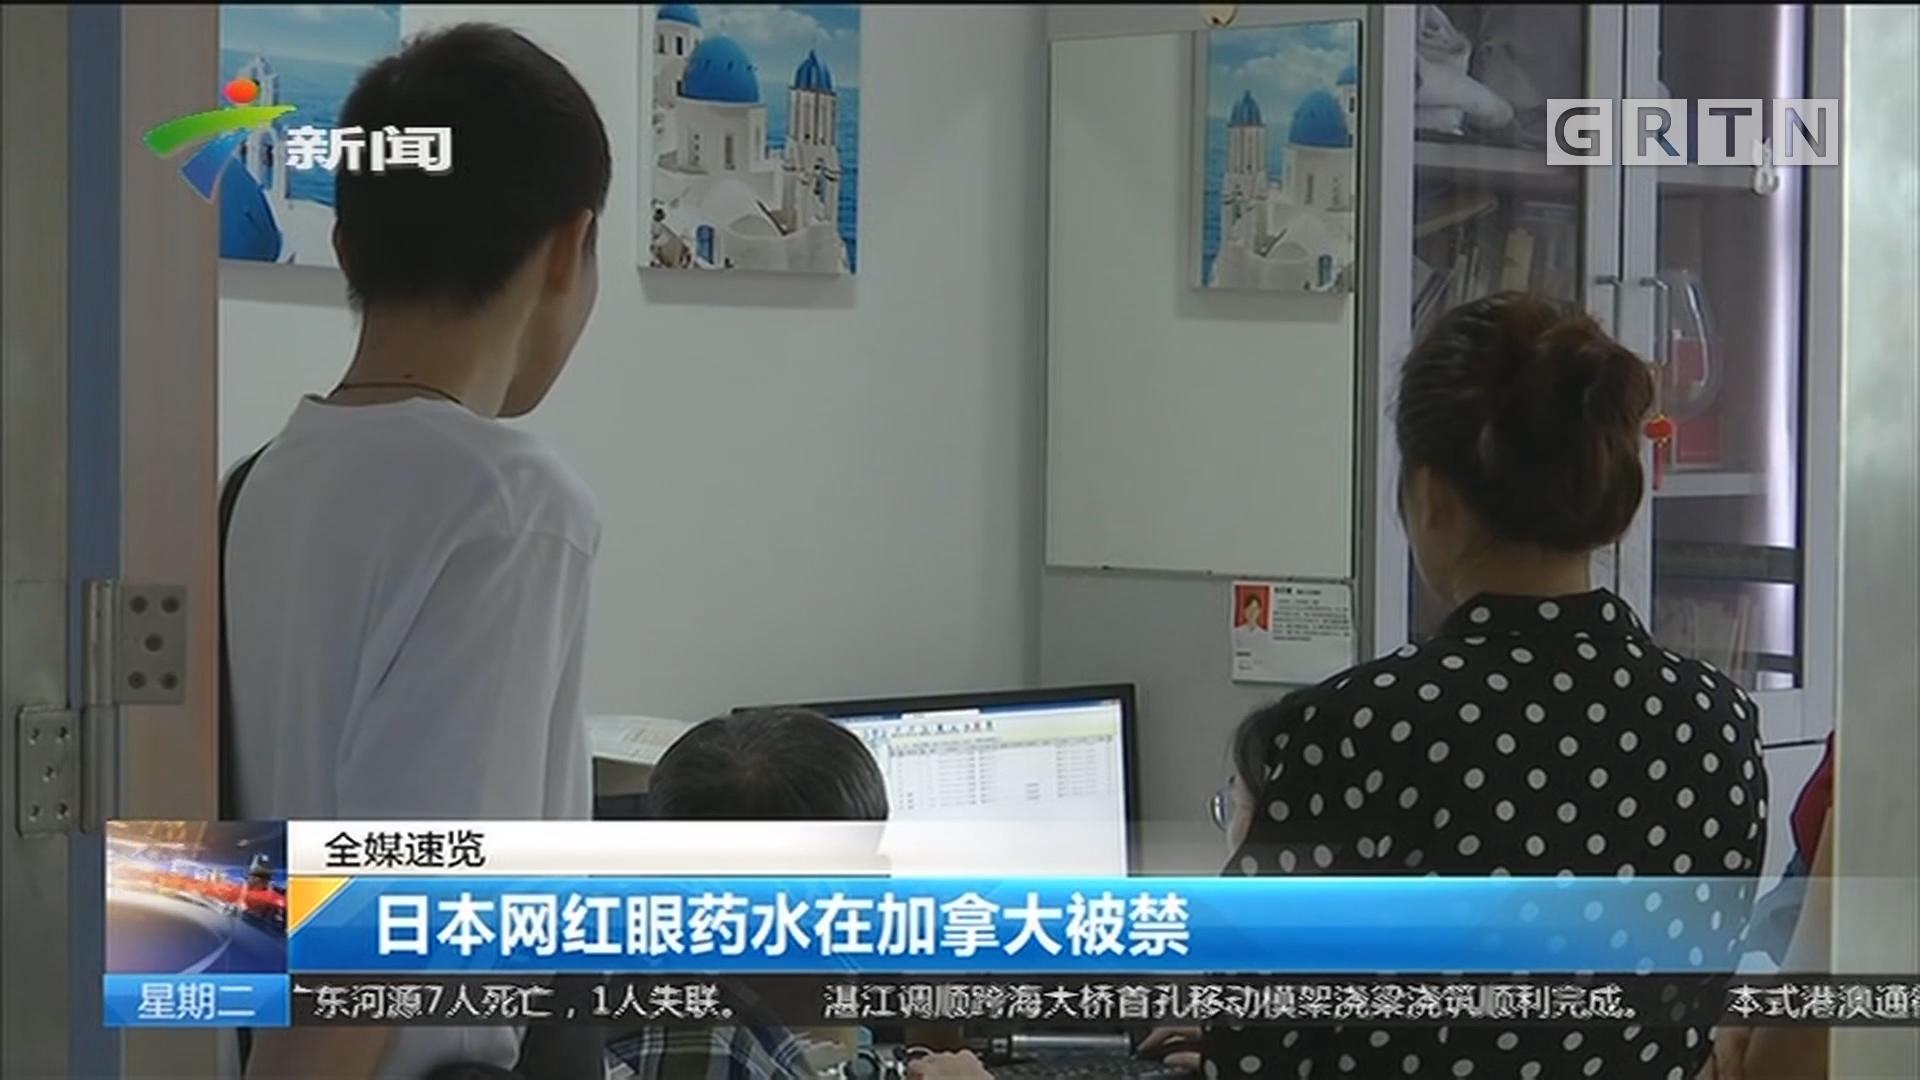 日本网红眼药水在加拿大被禁